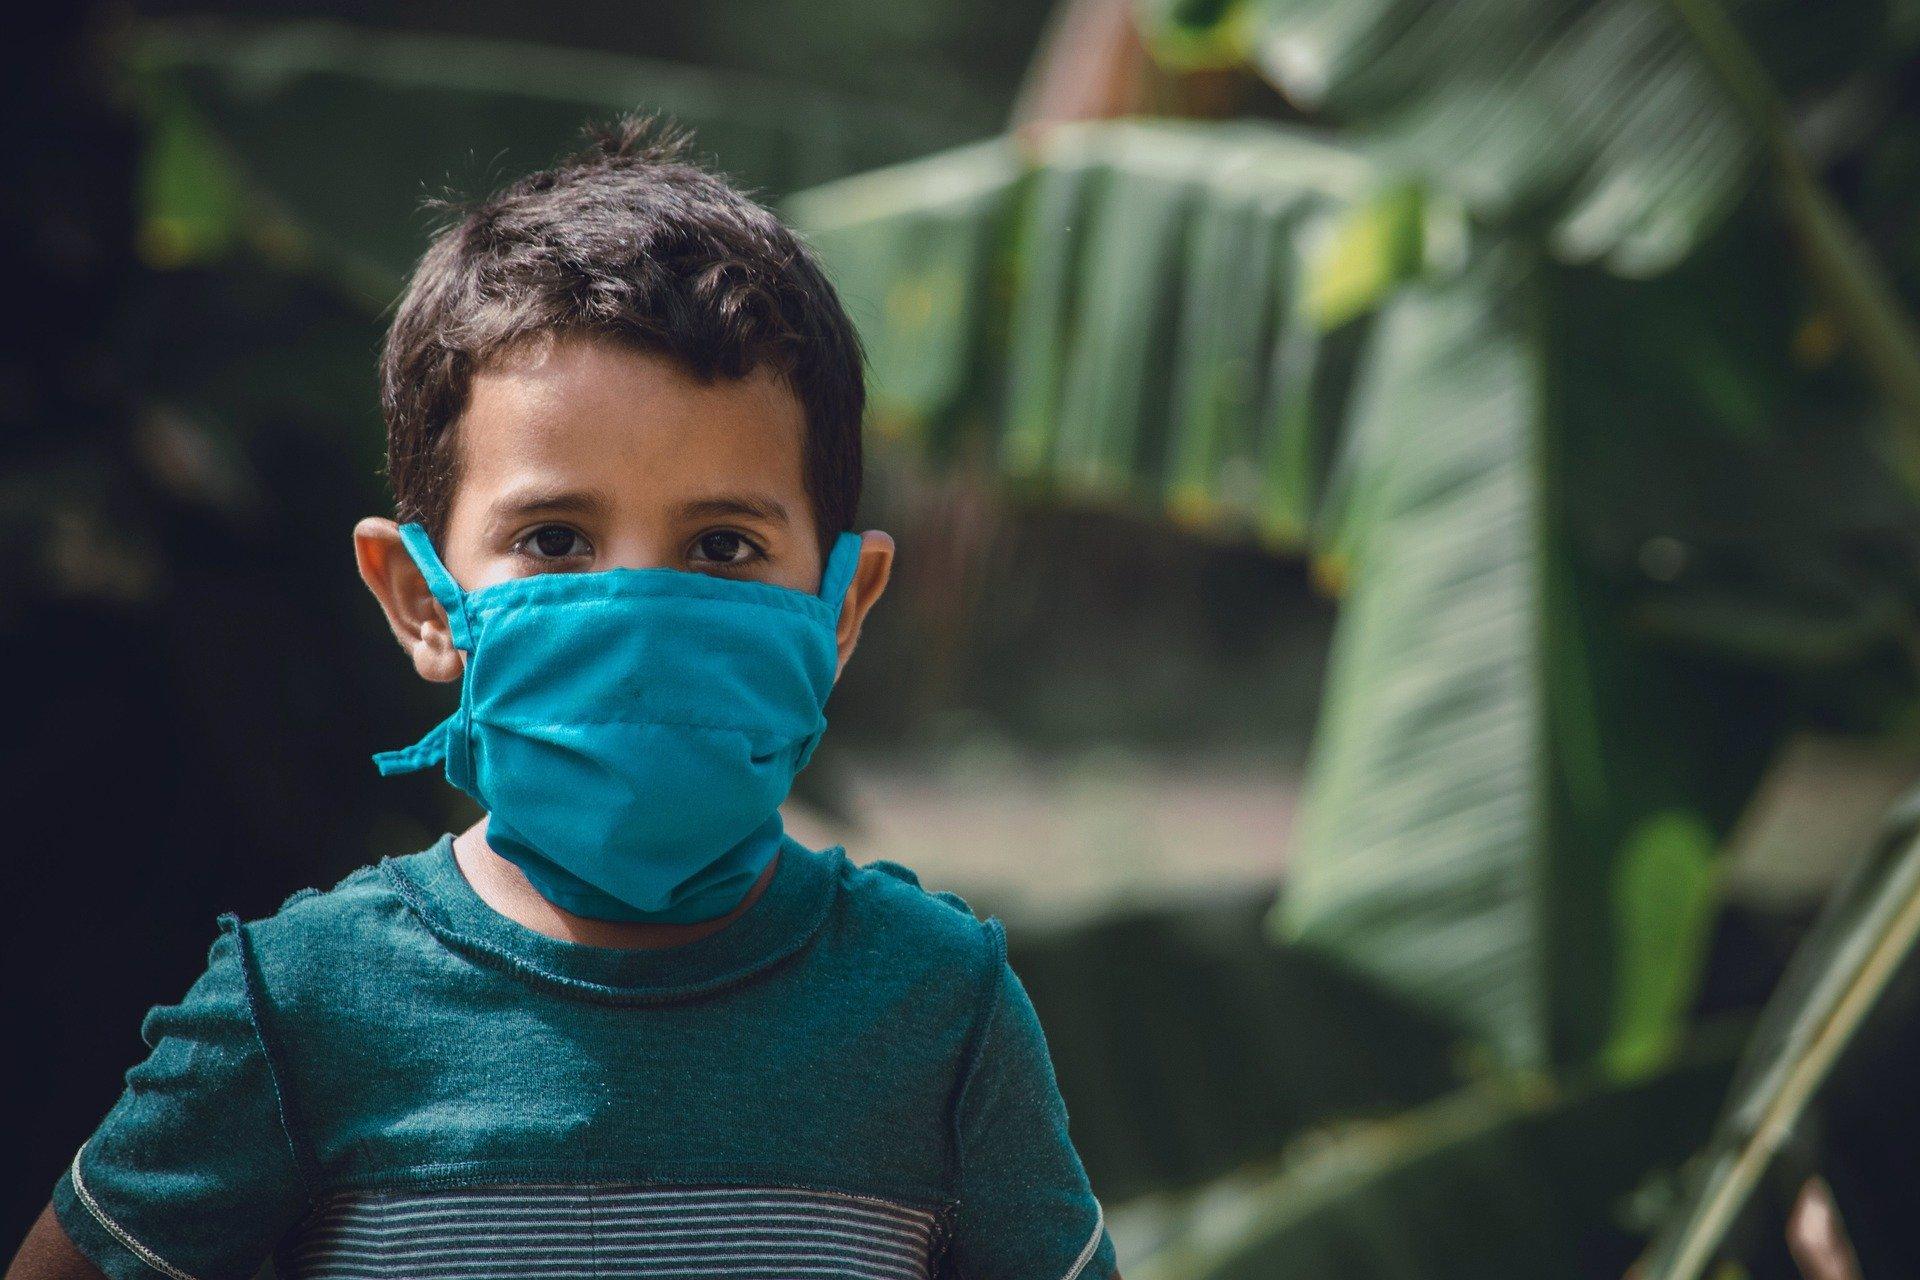 Zpátky do lavic: Zavření škol podle vědců zpomaluje šíření koronaviru až o 60 %